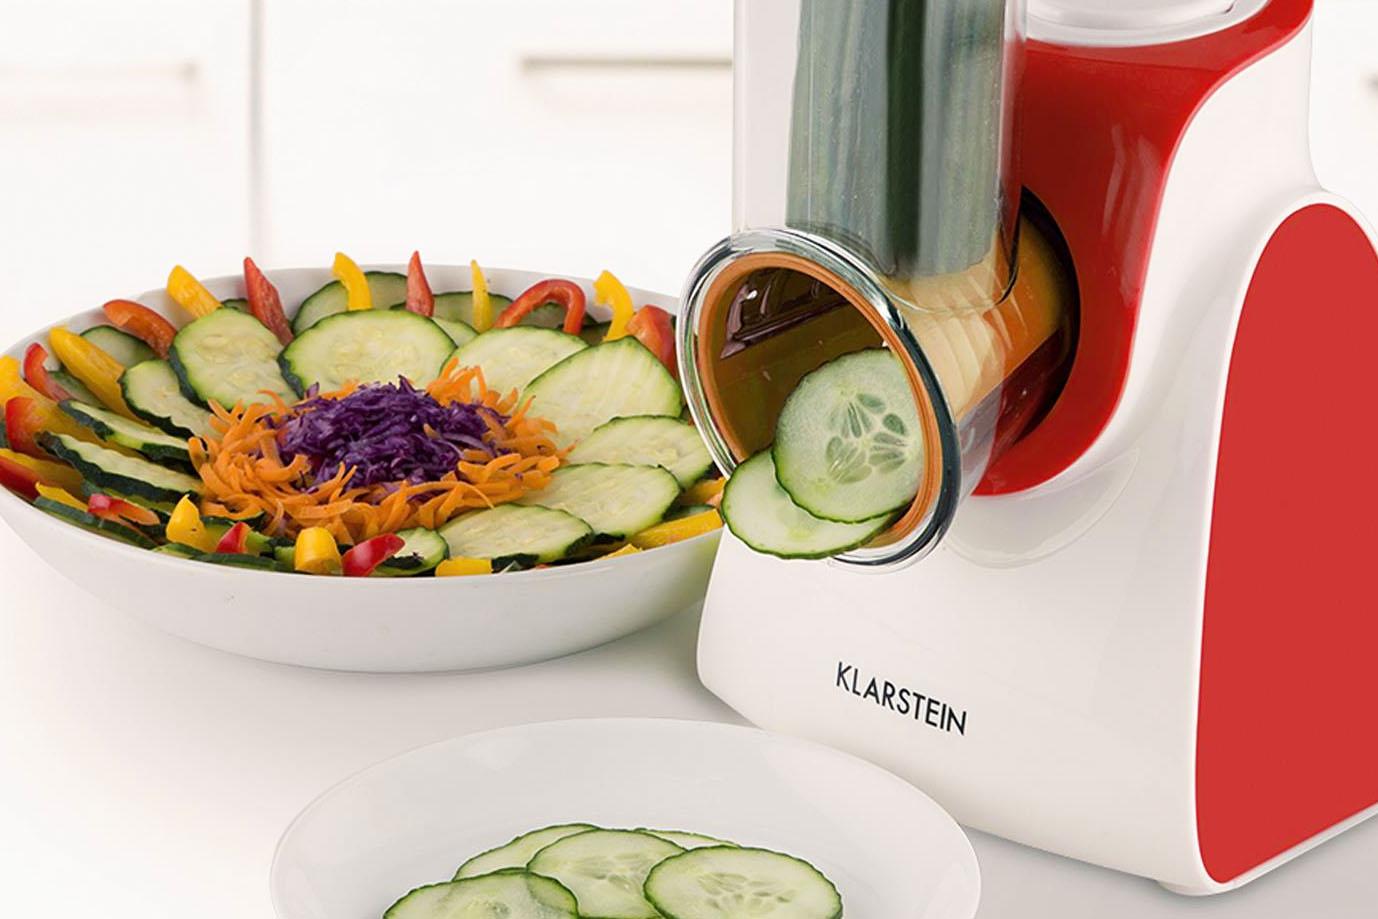 Príprava šalátov a dobrôt rýchlo? Pomôžu vám kuchynské krájače